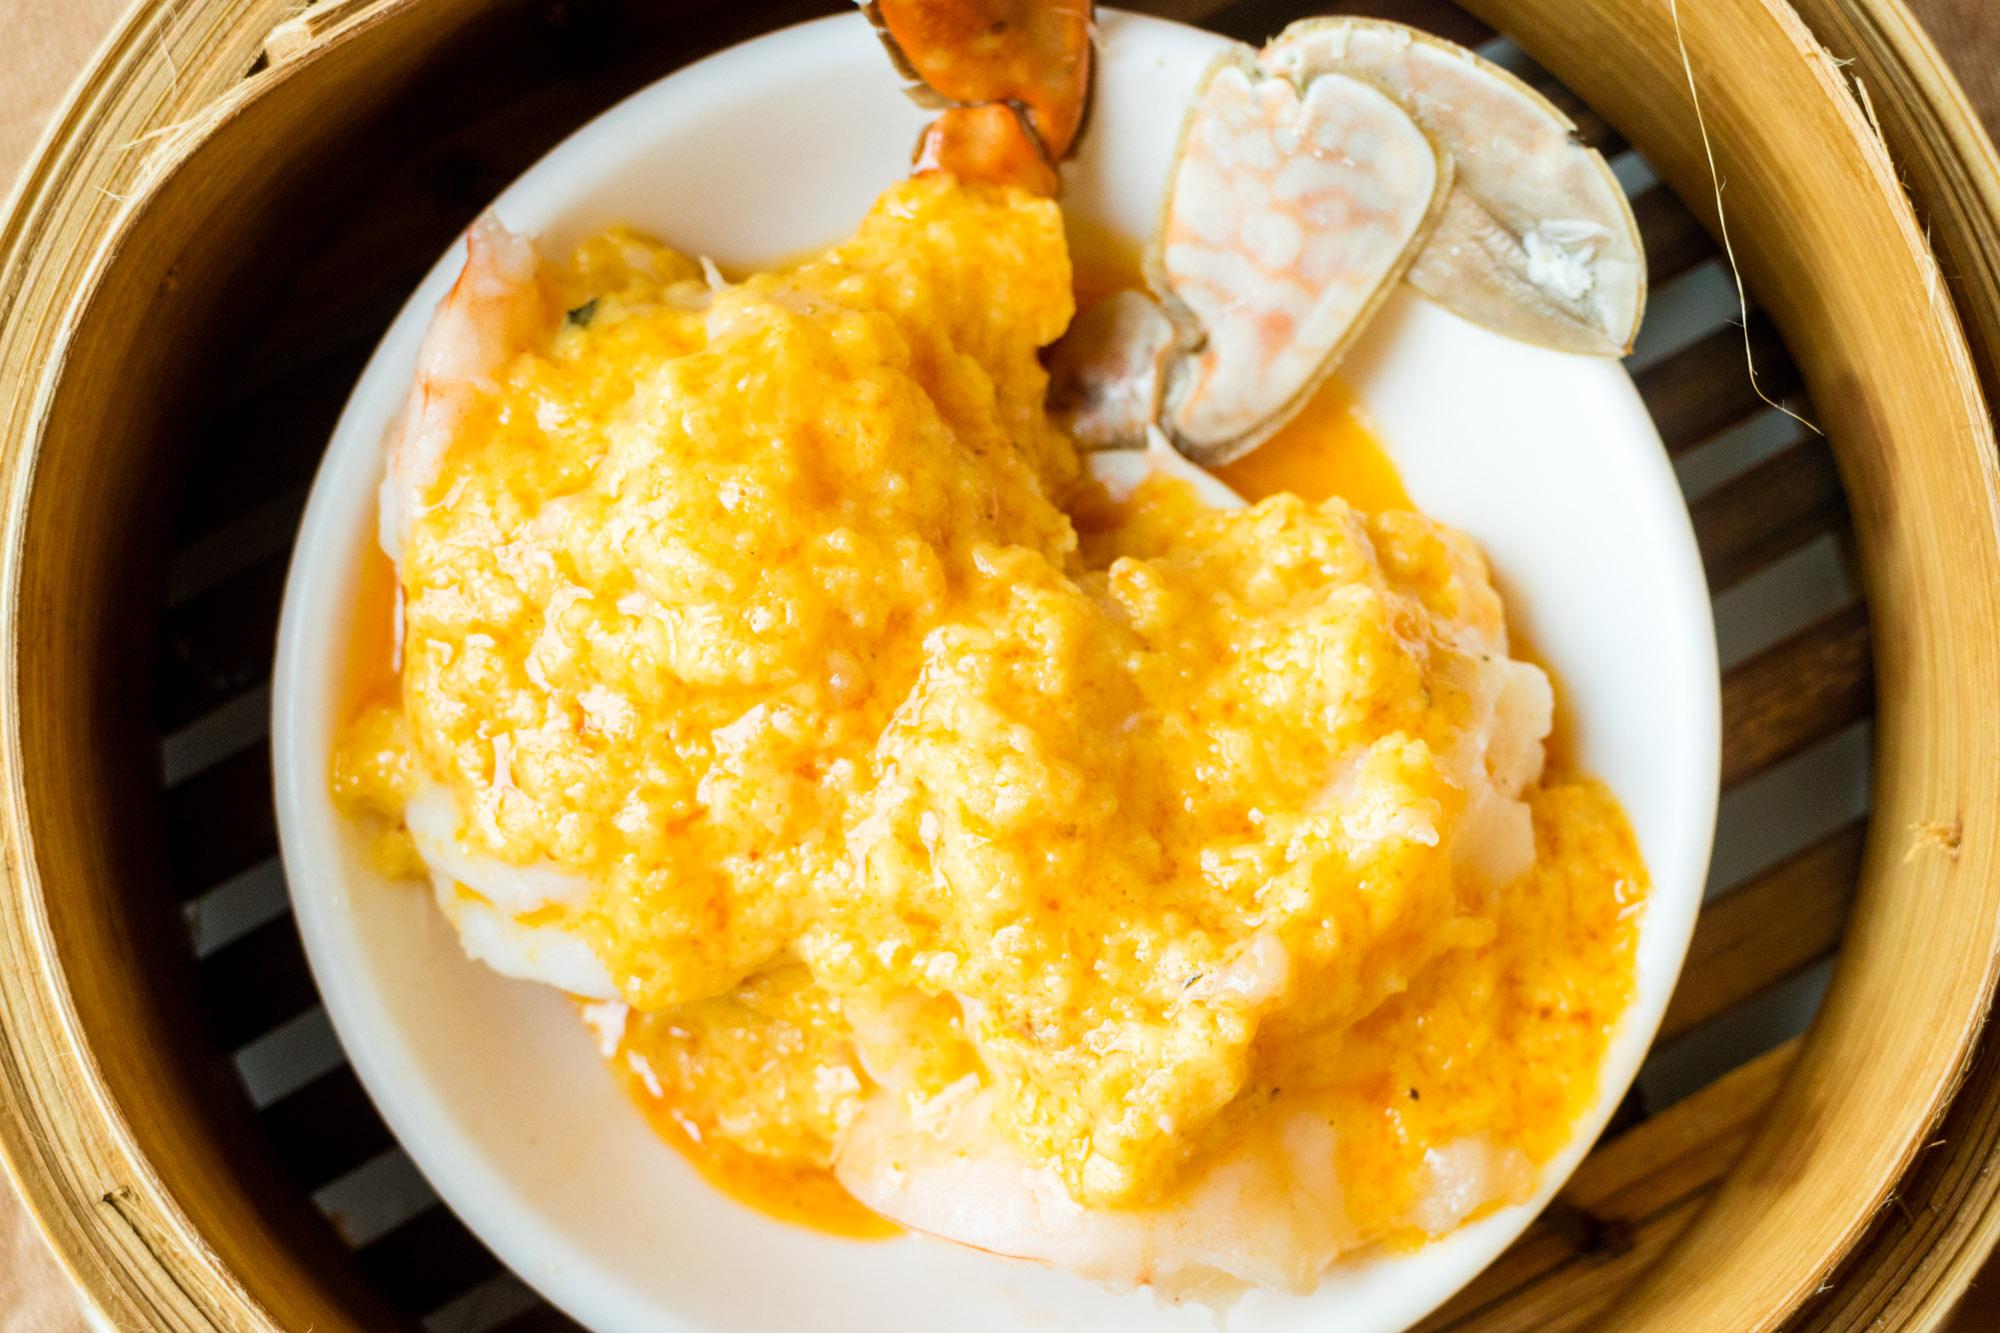 กรรเชียงปูนึ่งผงกะหรี่  ห้องอาหารจีนหยู เห้อ สไตล์ฮ่องกง คุณภาพฮ่องเต้ IMG 0049 2